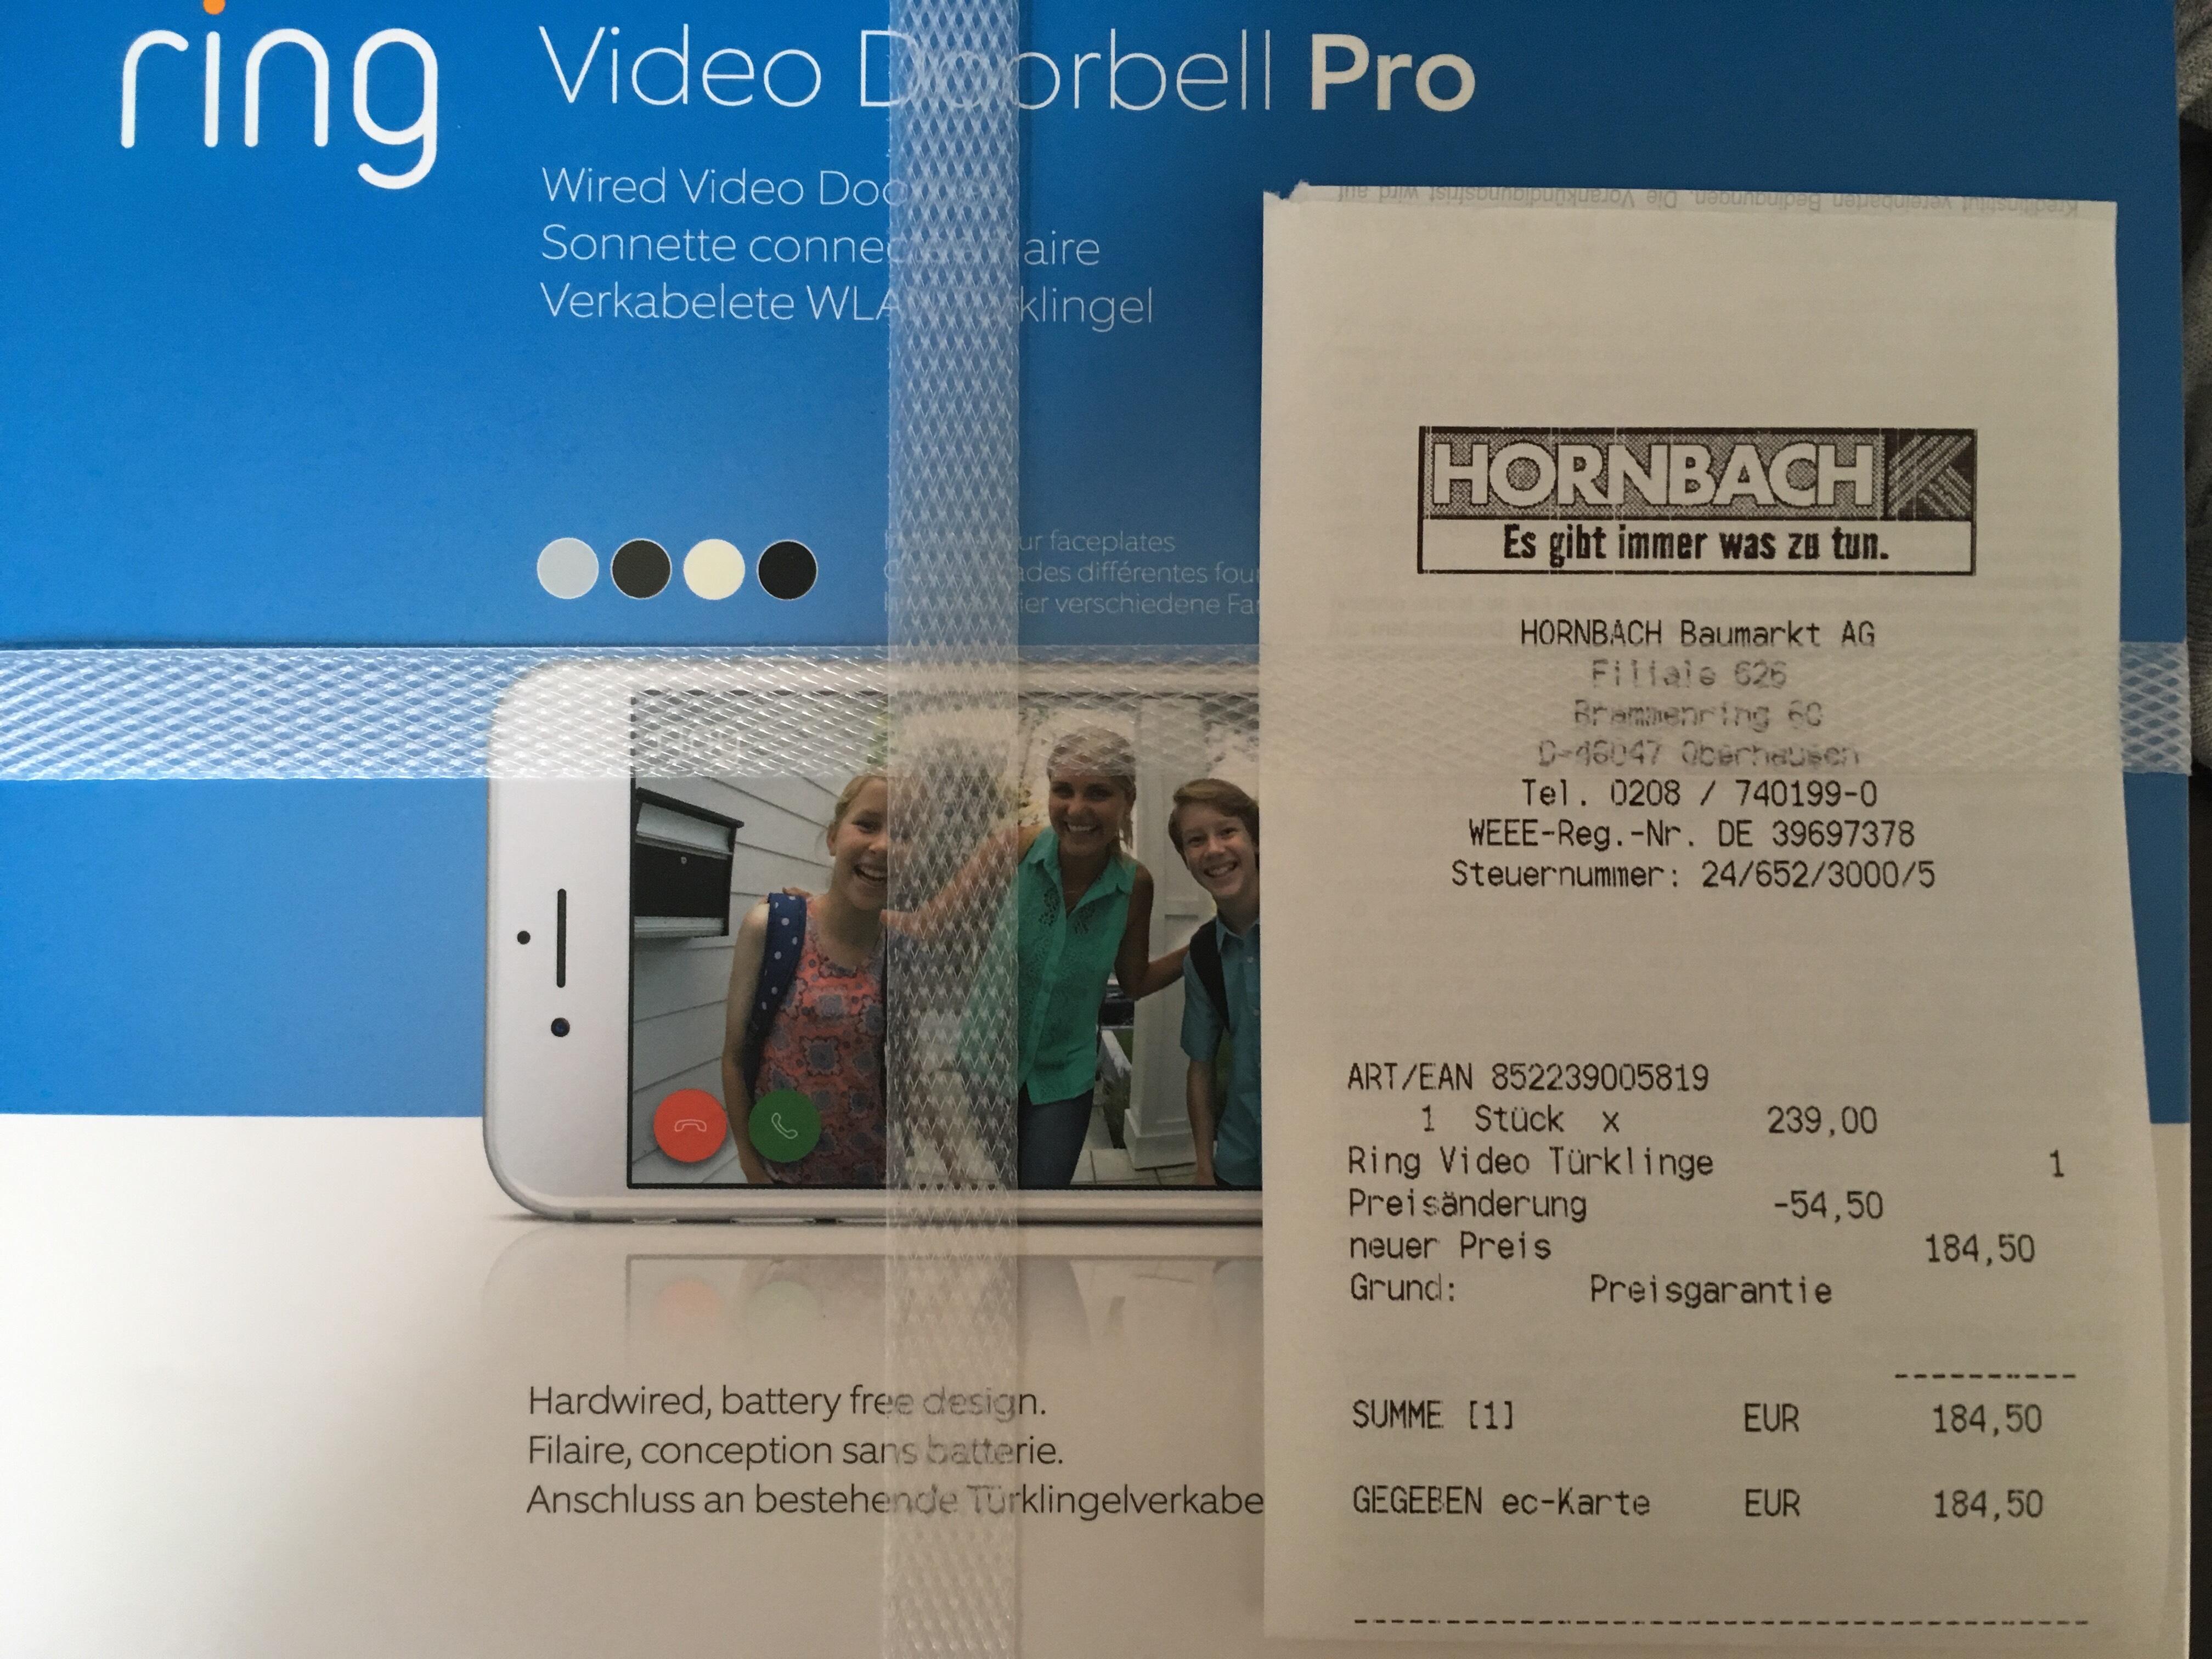 [Hornbach] Ring Doorbell Pro